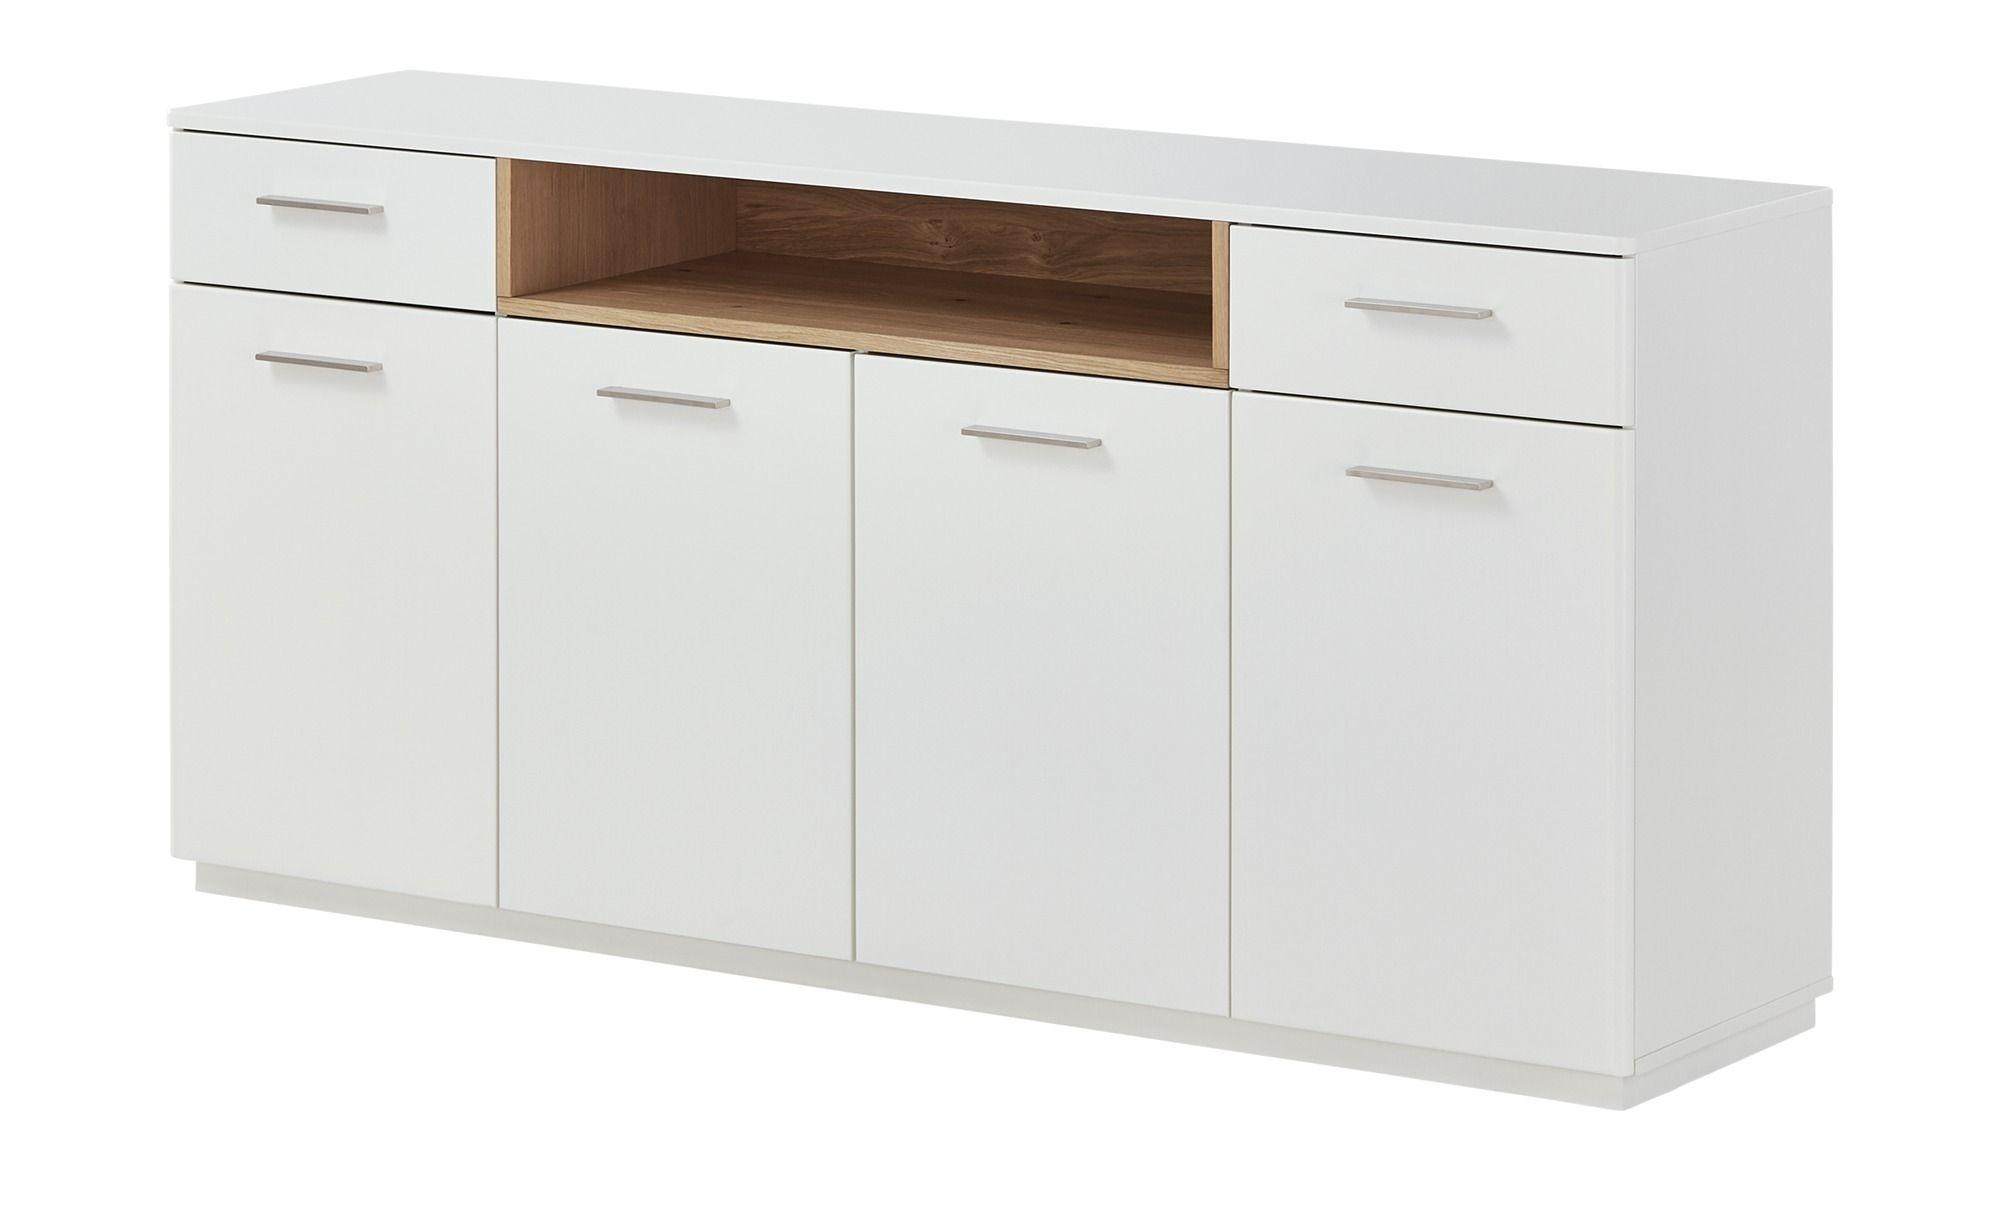 Uno Sideboard Melin Weiss Masse Cm B 180 H 87 T 44 Kommoden